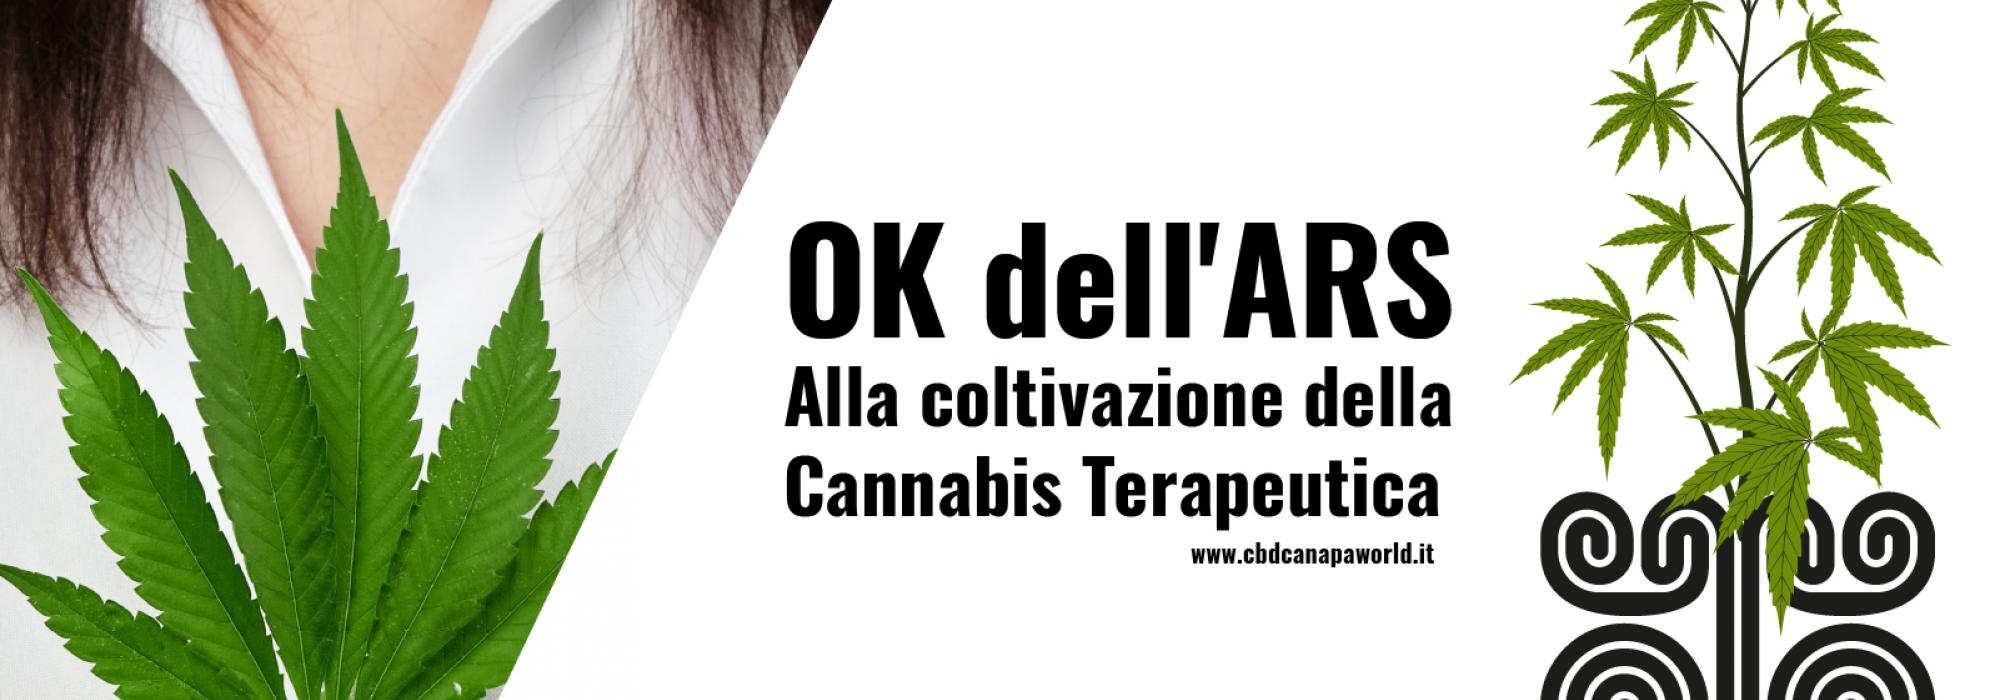 OK dell'Ars alla coltivazione della cannabis terapeutica